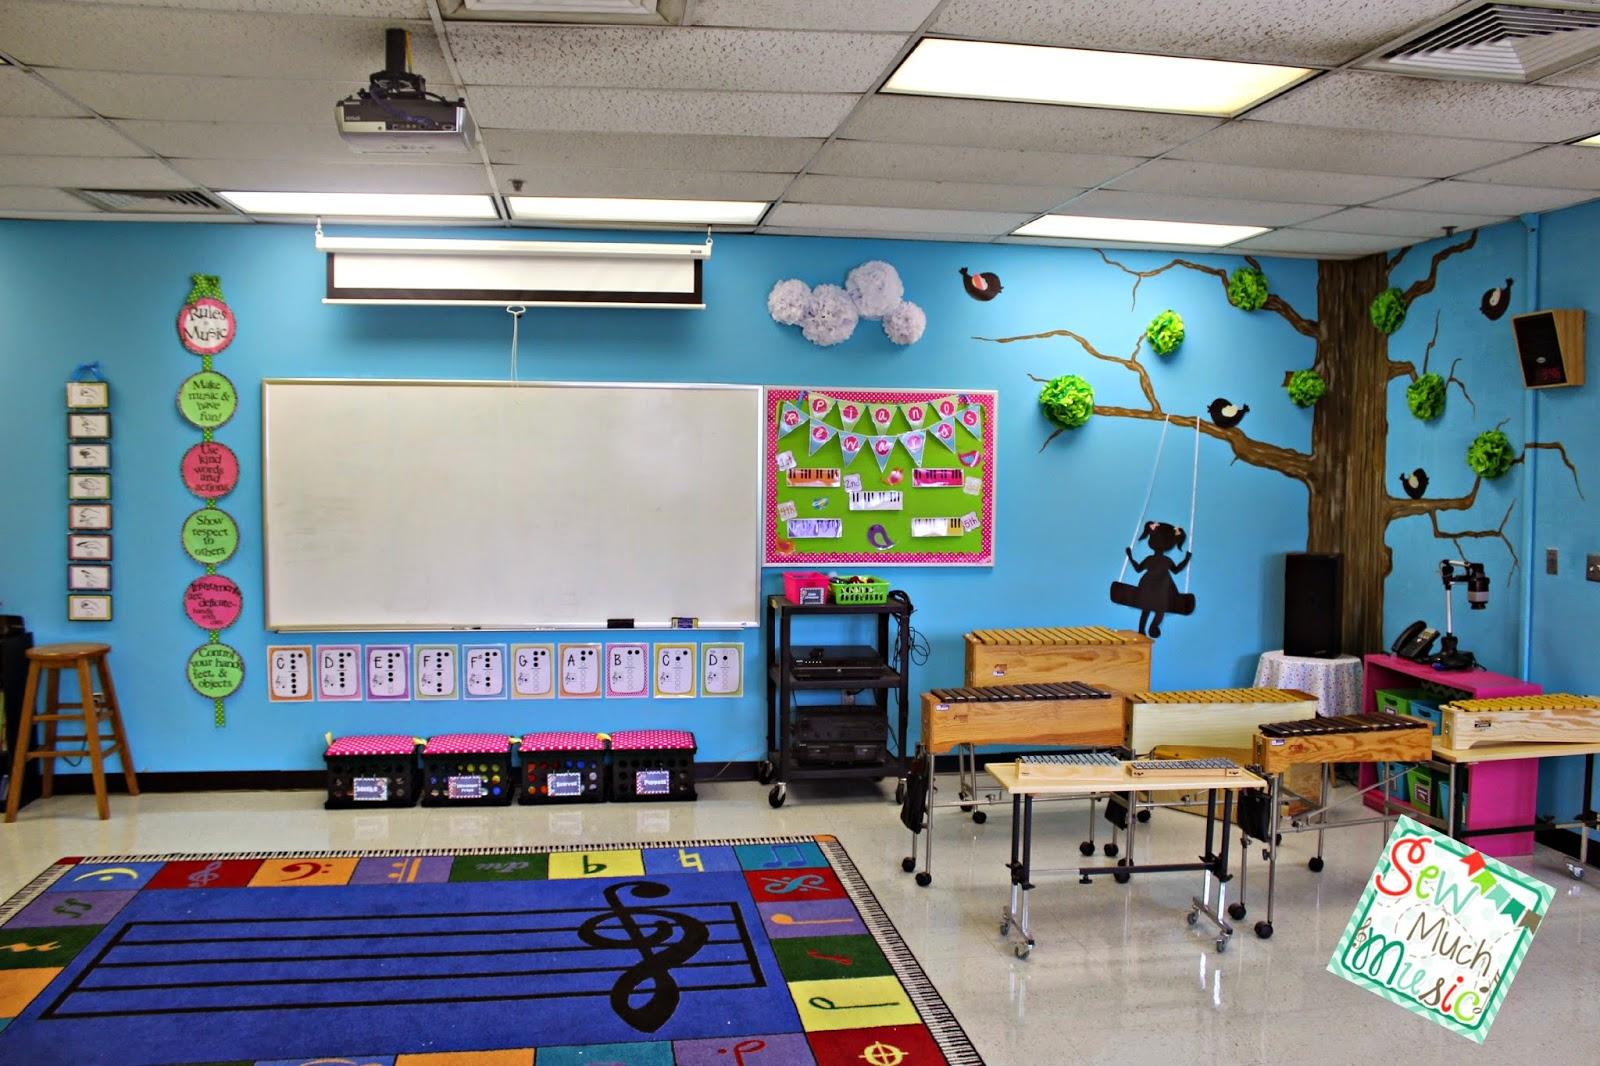 Elementary Classroom Setup ~ Elementary art classroom setup imgkid the